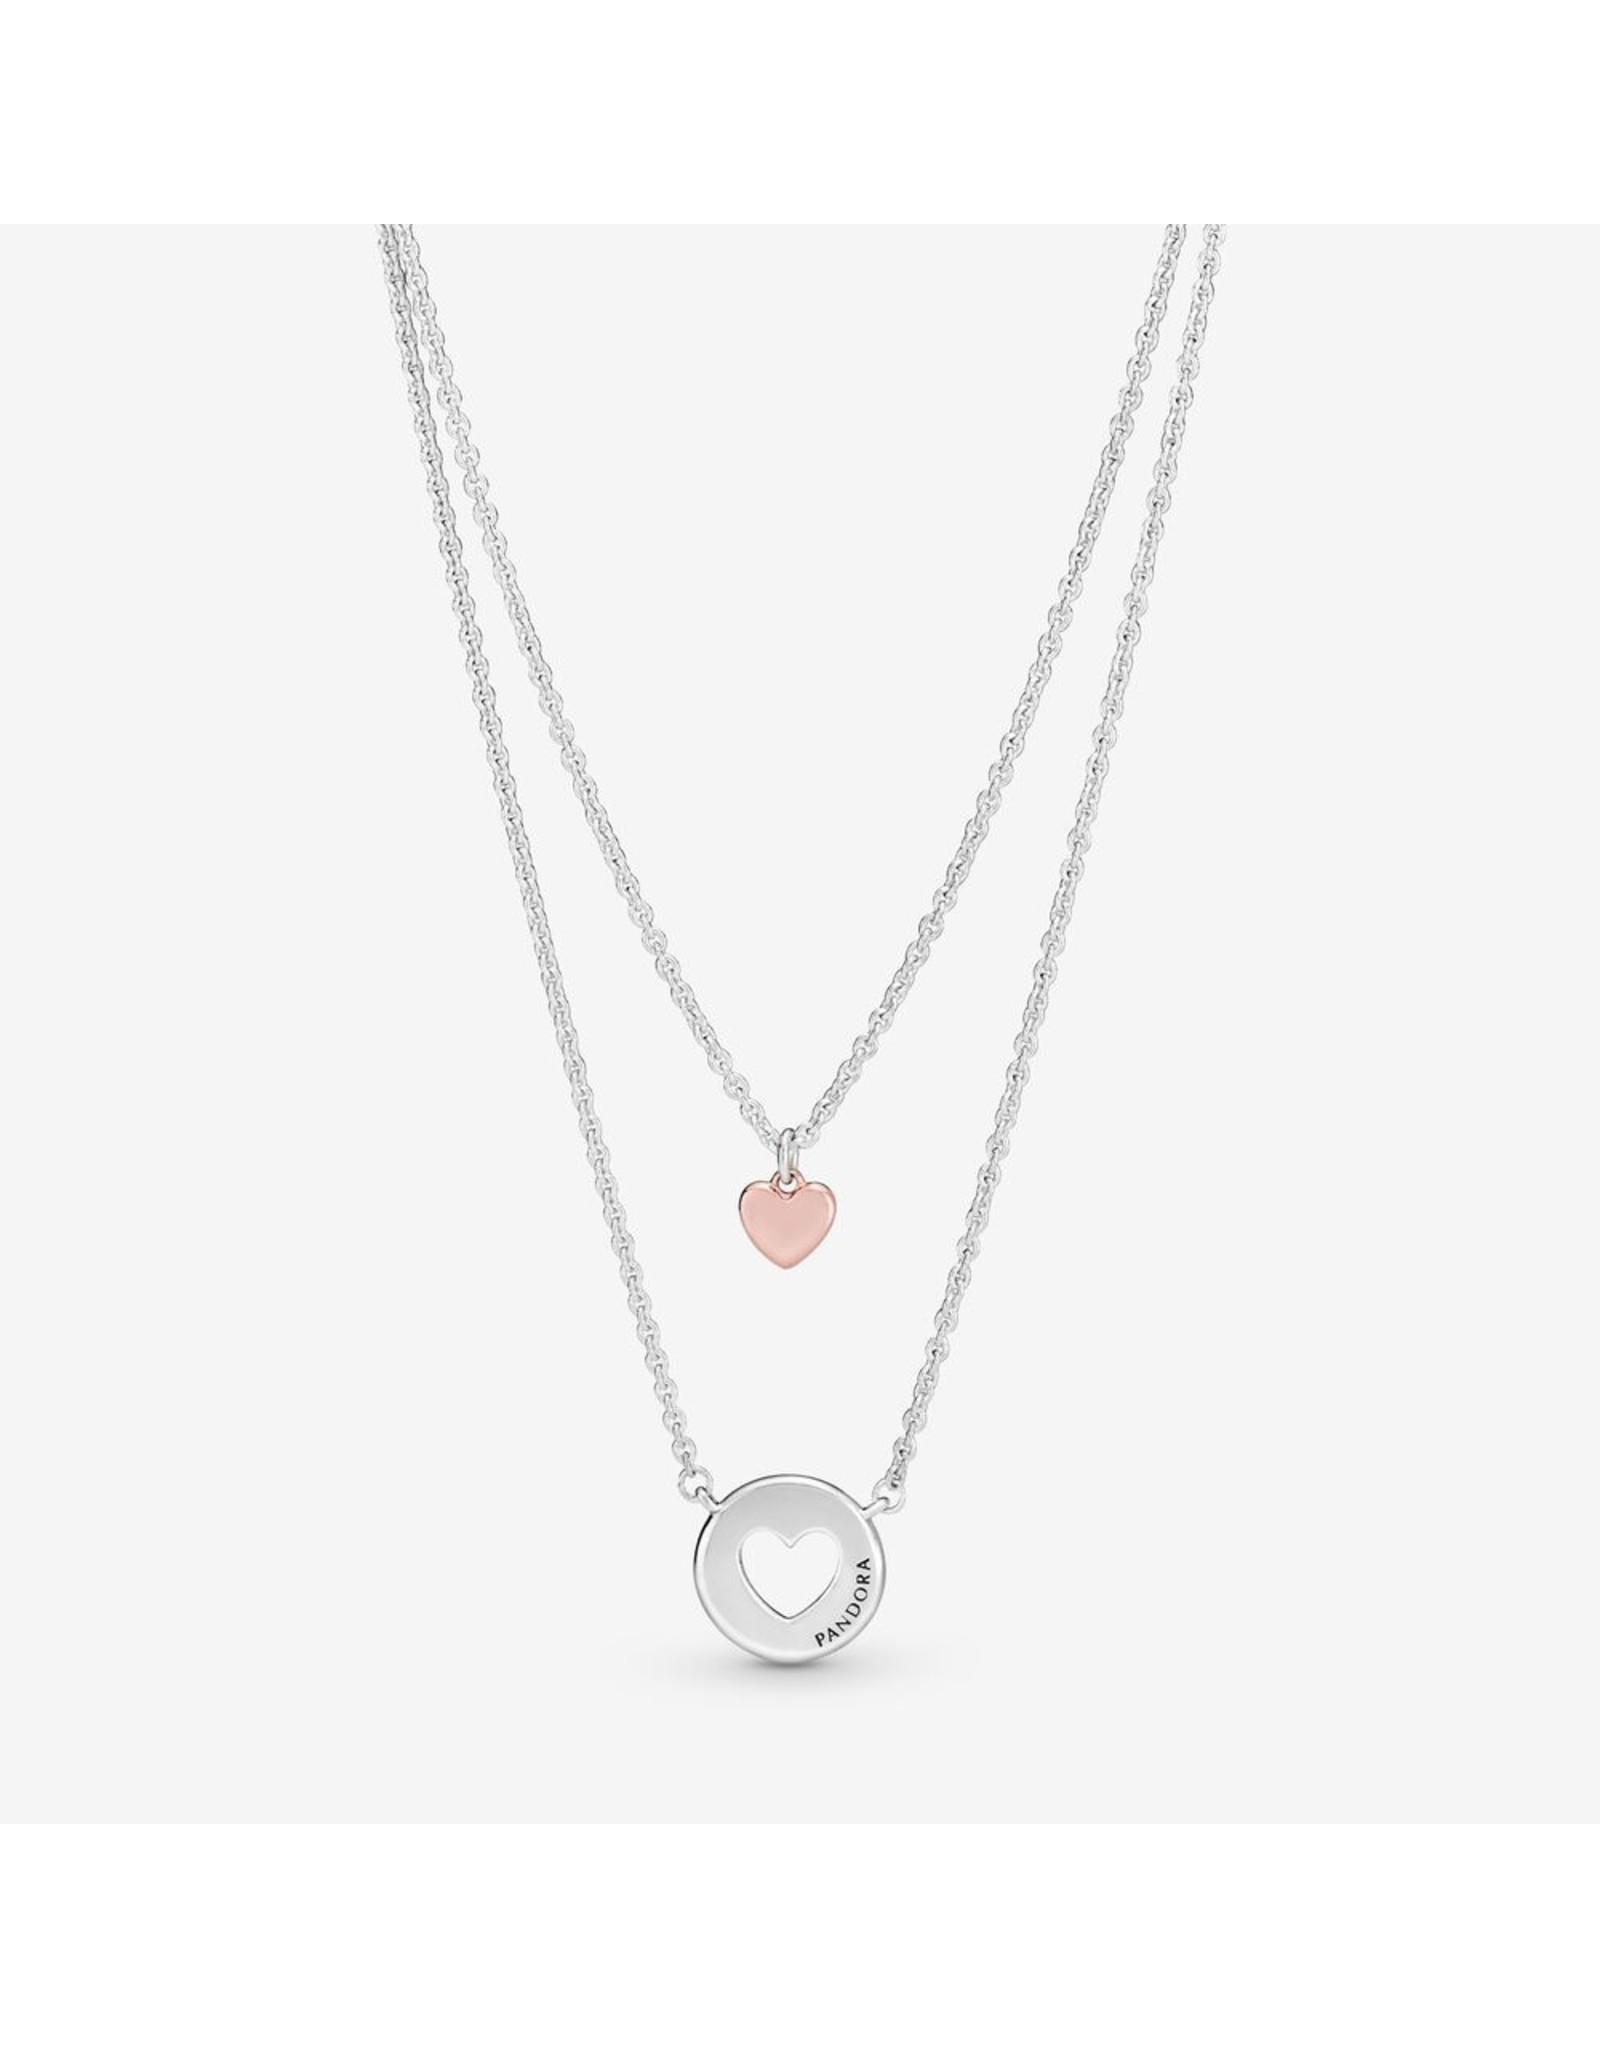 Pandora Pandora Necklace,(388083) Layered Heart Pandora Rose Gold And Silver 50 cm